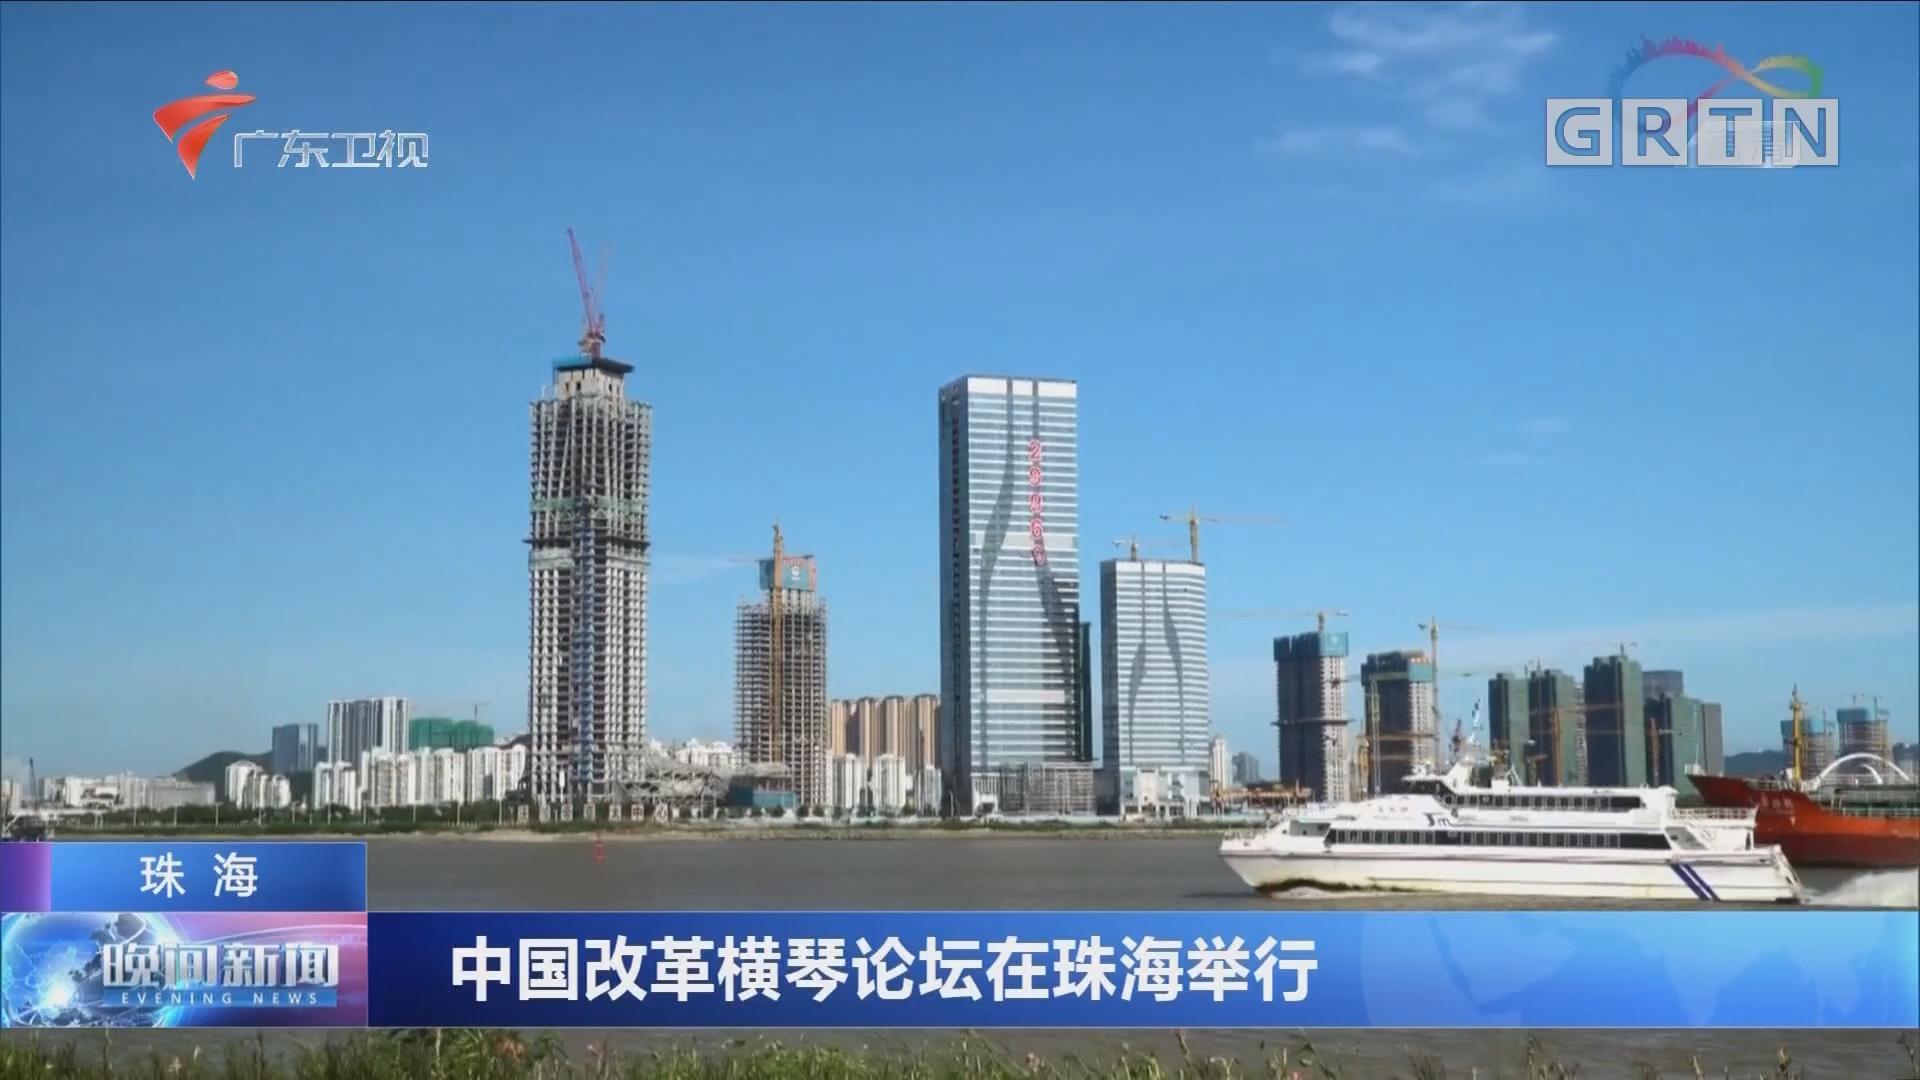 珠海:中国改革横琴论坛在珠海举行